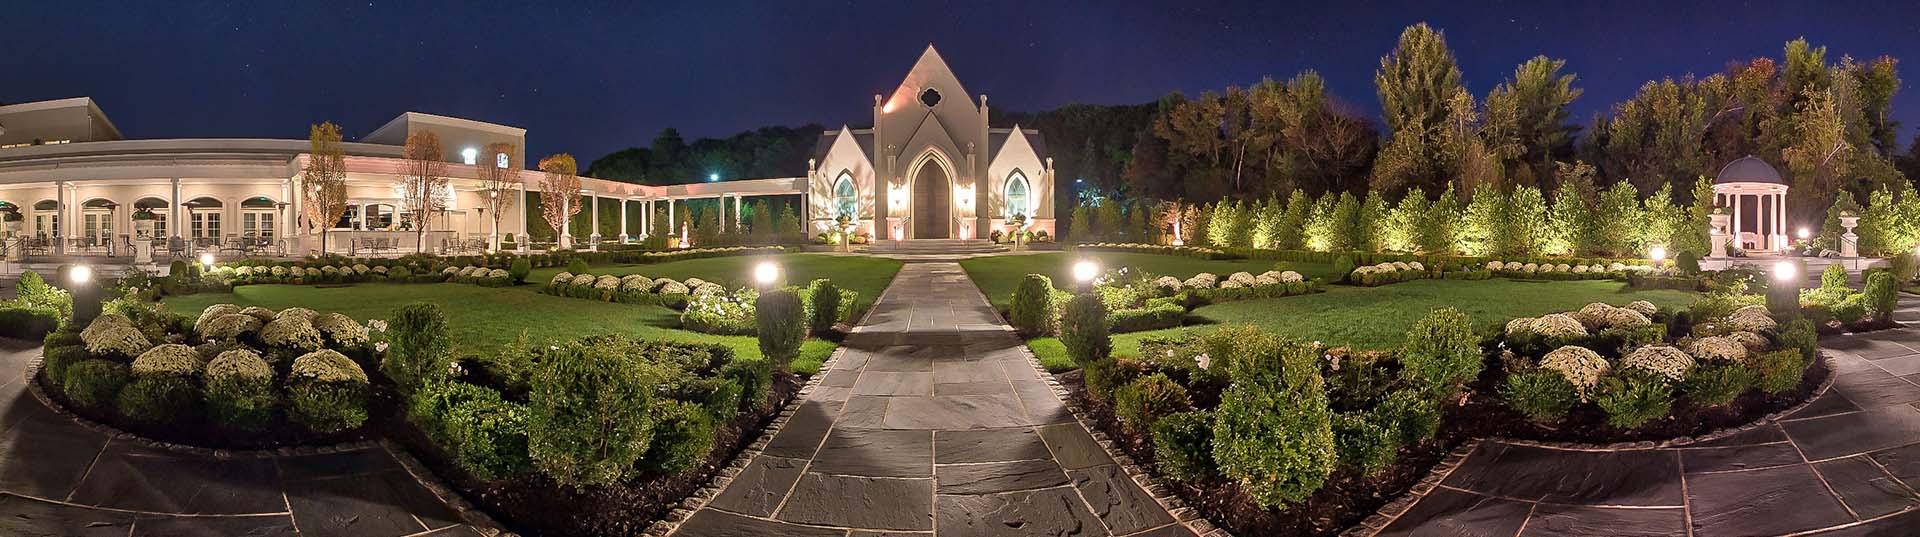 Park Chateau chapel & grounds evening